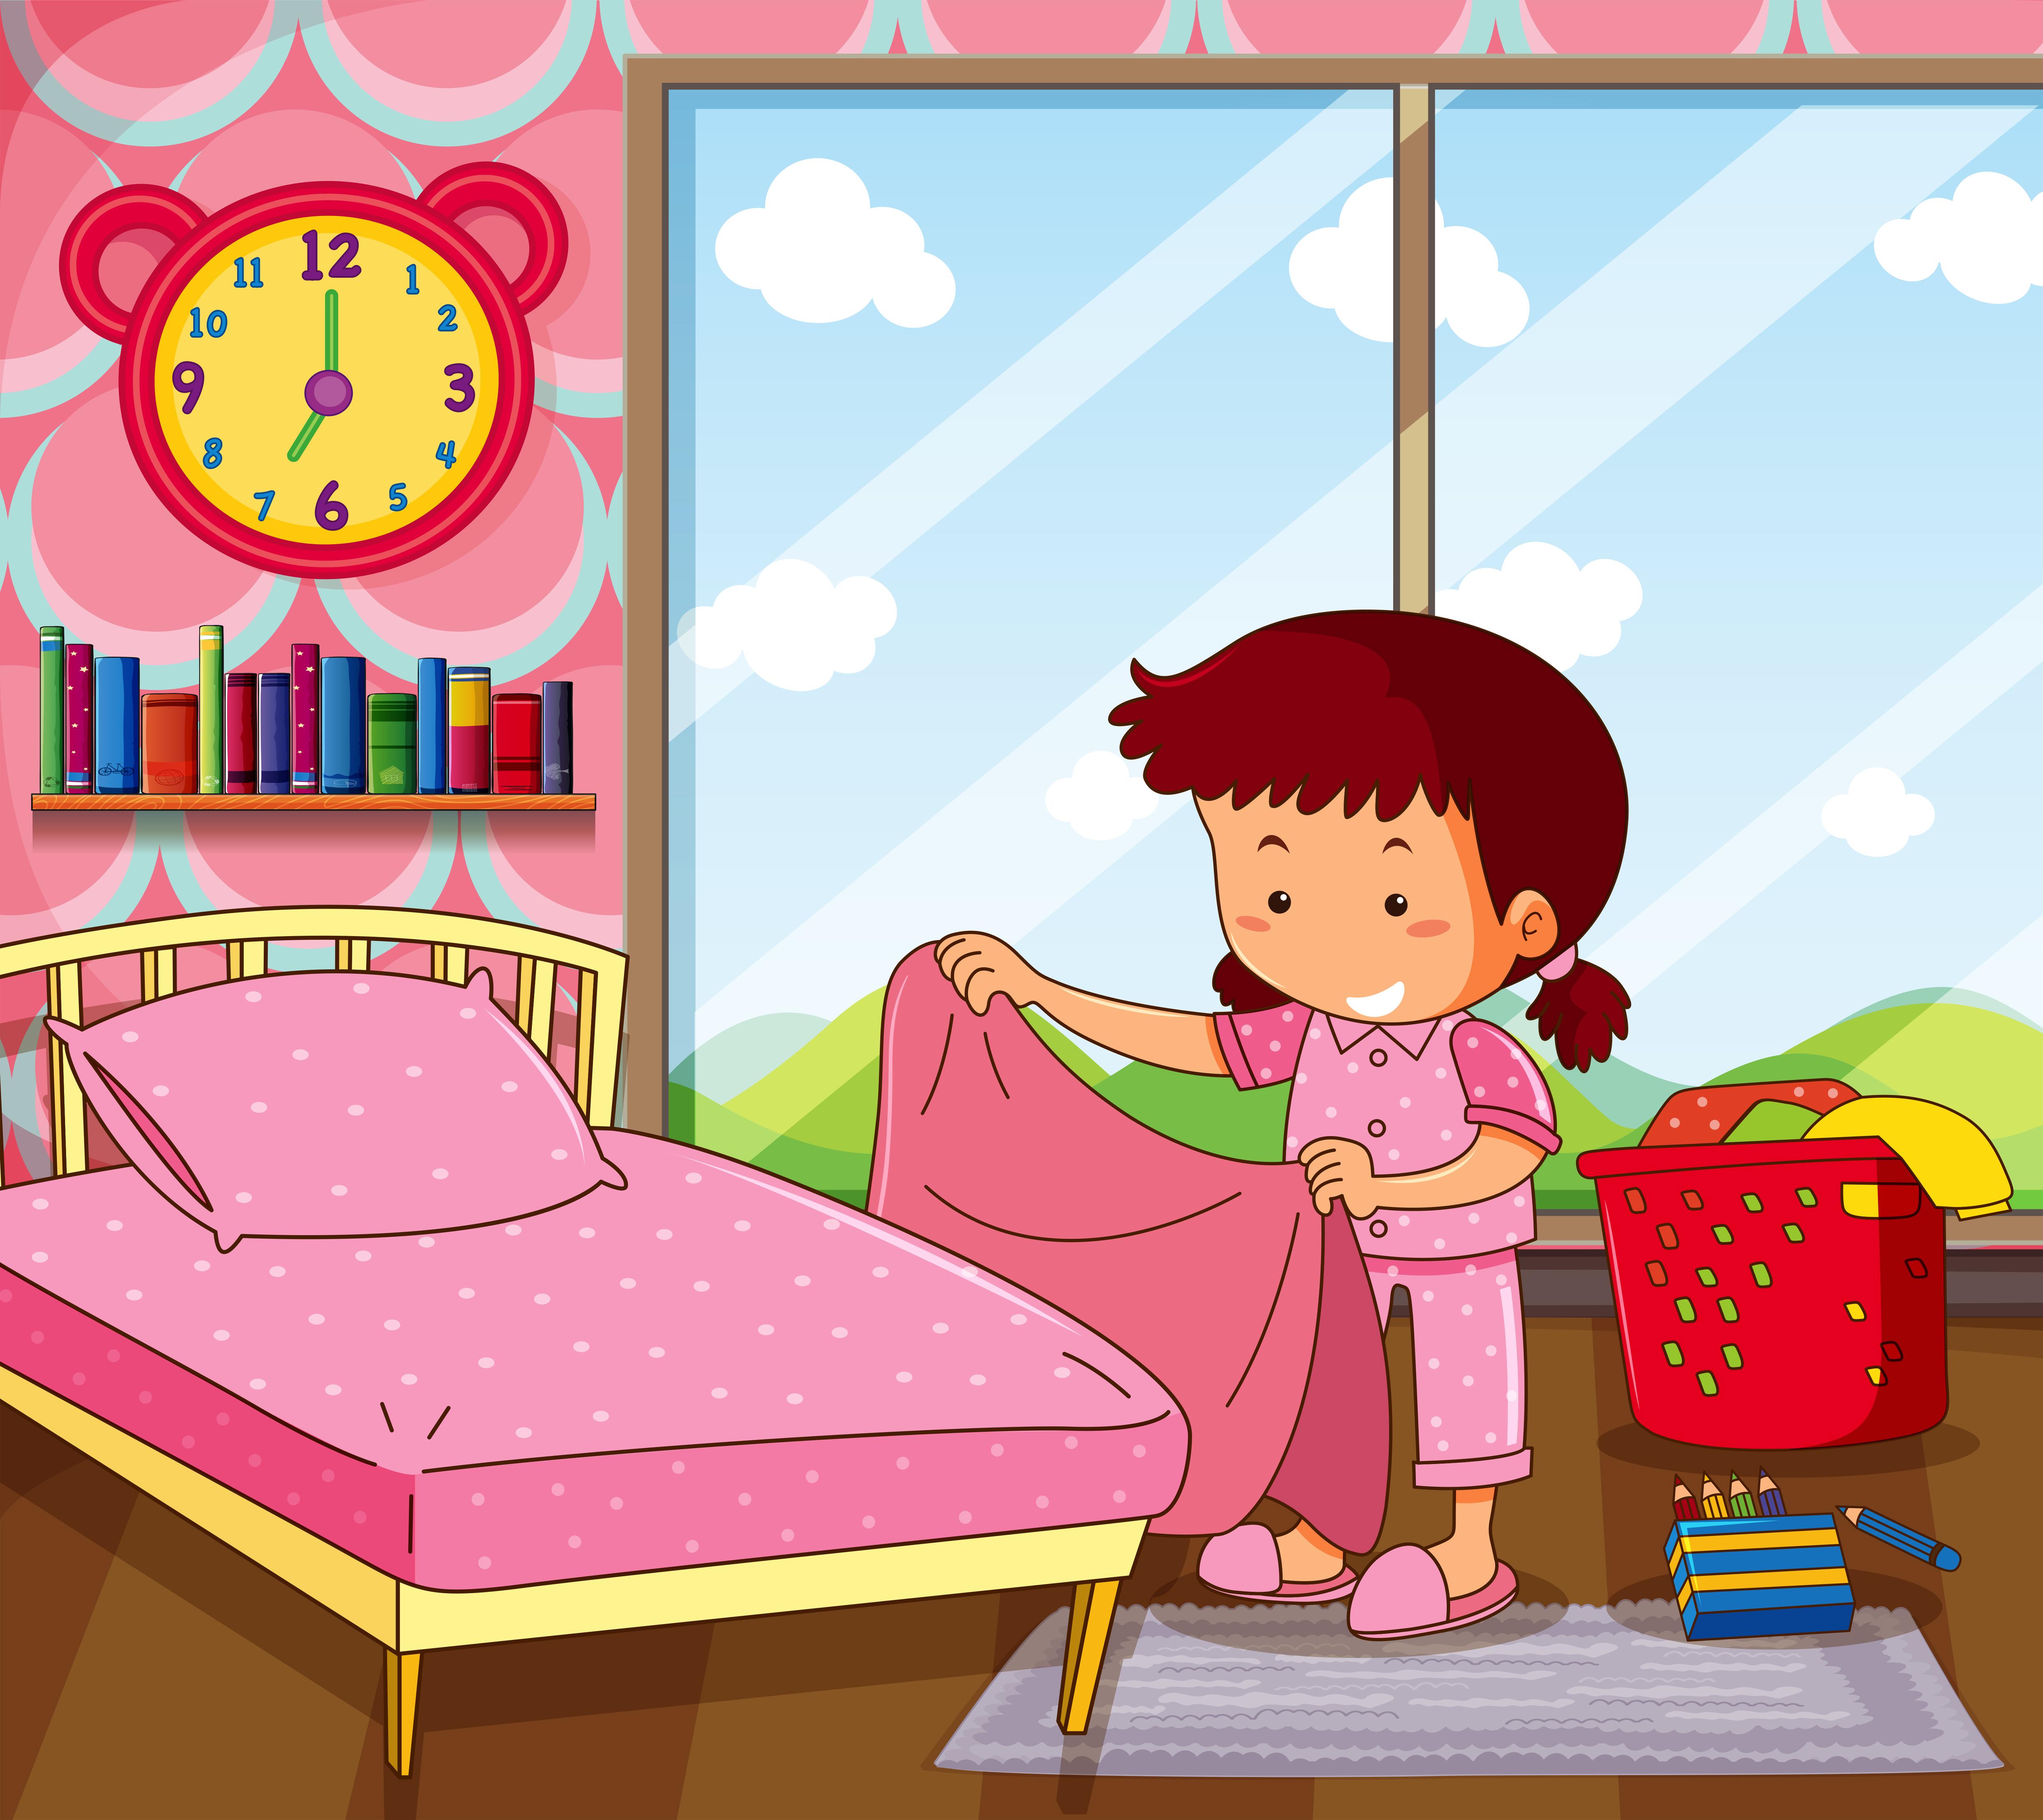 Girl making bed in pink bedroom - Download Free Vectors ...